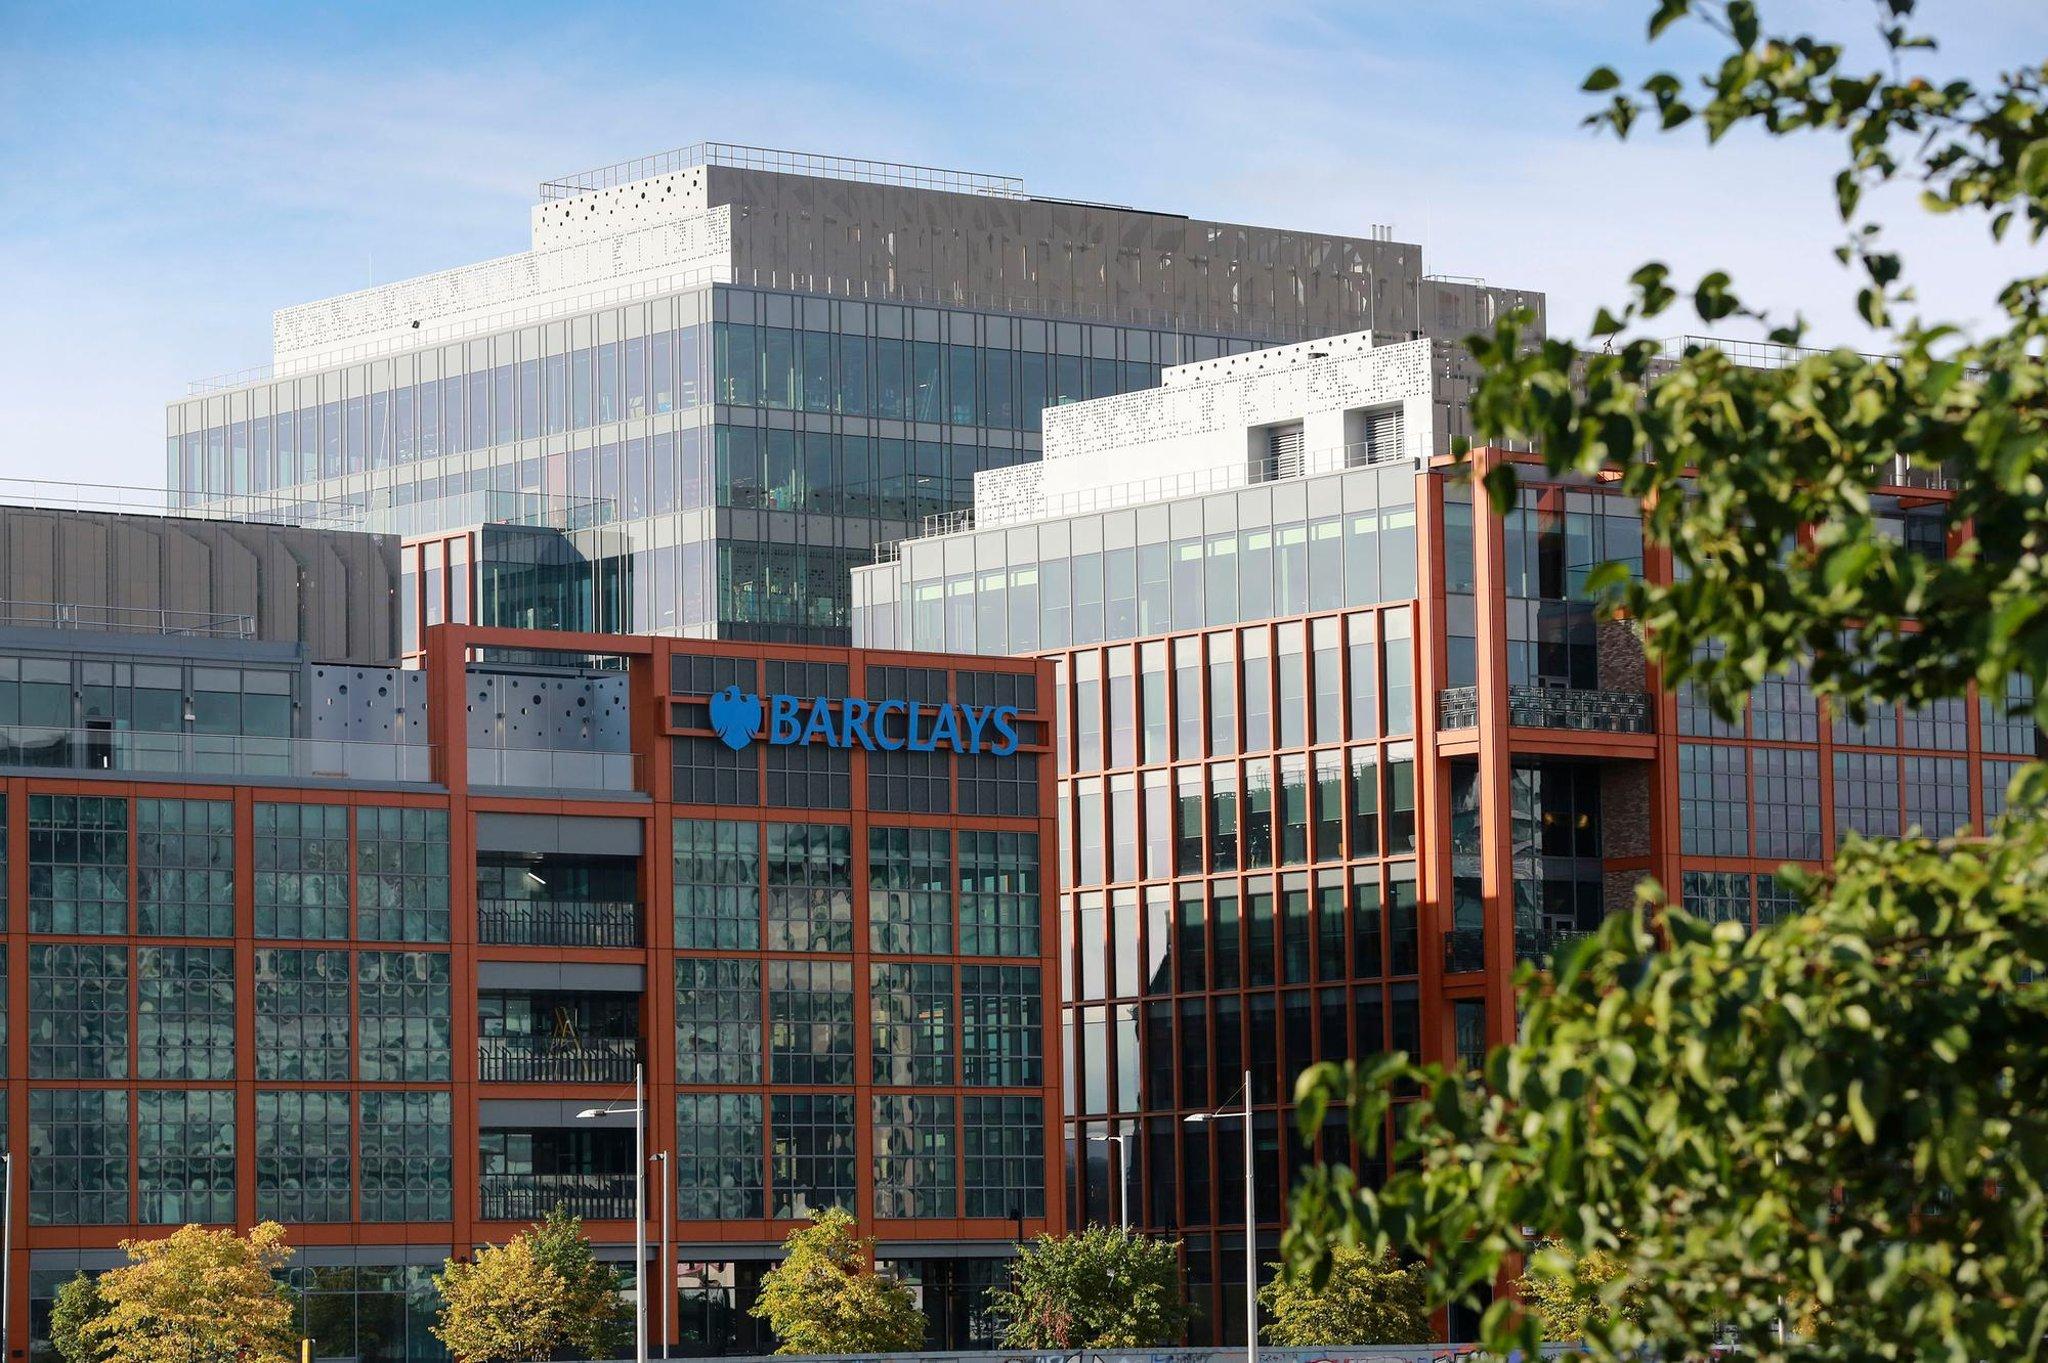 Barclays secara resmi membuka kampus Glasgow berteknologi tinggi – dianggap sebagai dorongan besar bagi ekonomi Skotlandia